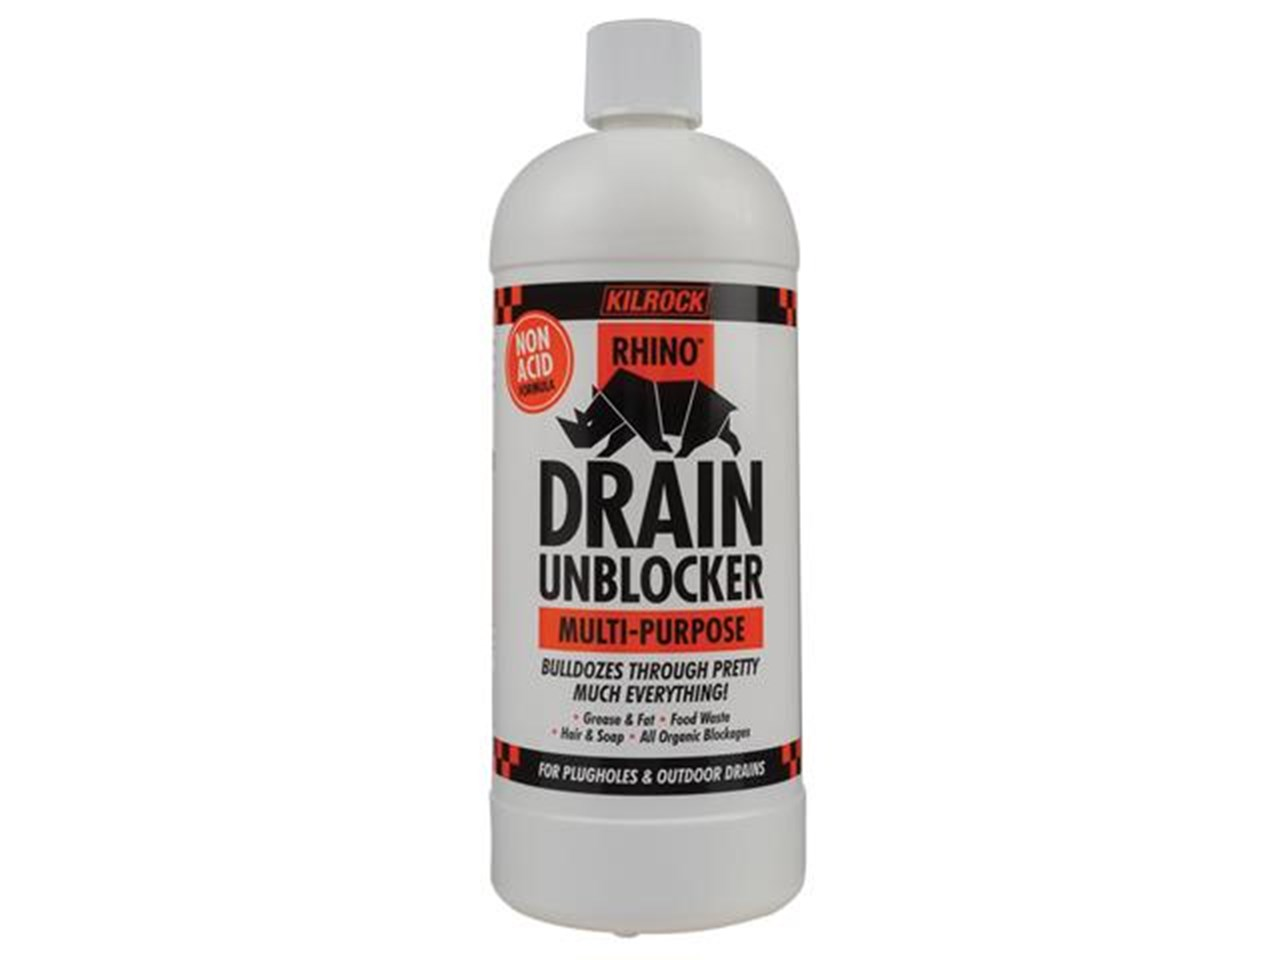 Drain Unblocker Acid Free 1L Rhino KILROCK